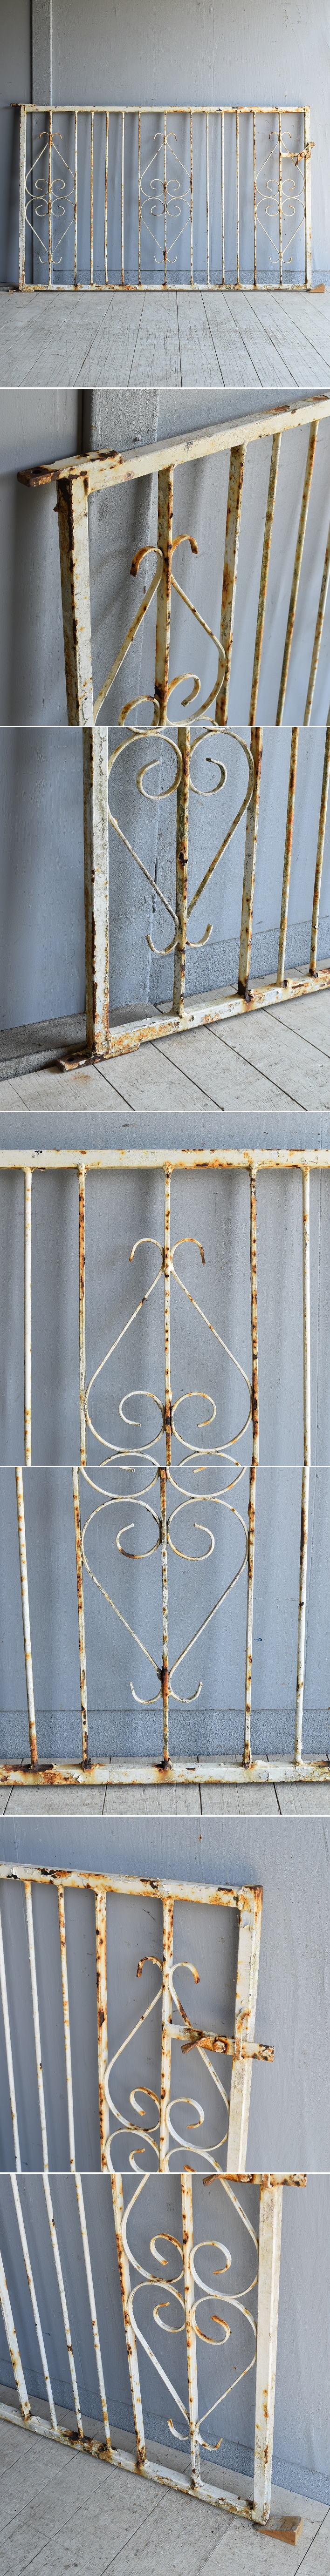 イギリス アンティーク アイアンフェンス ゲート柵 8090